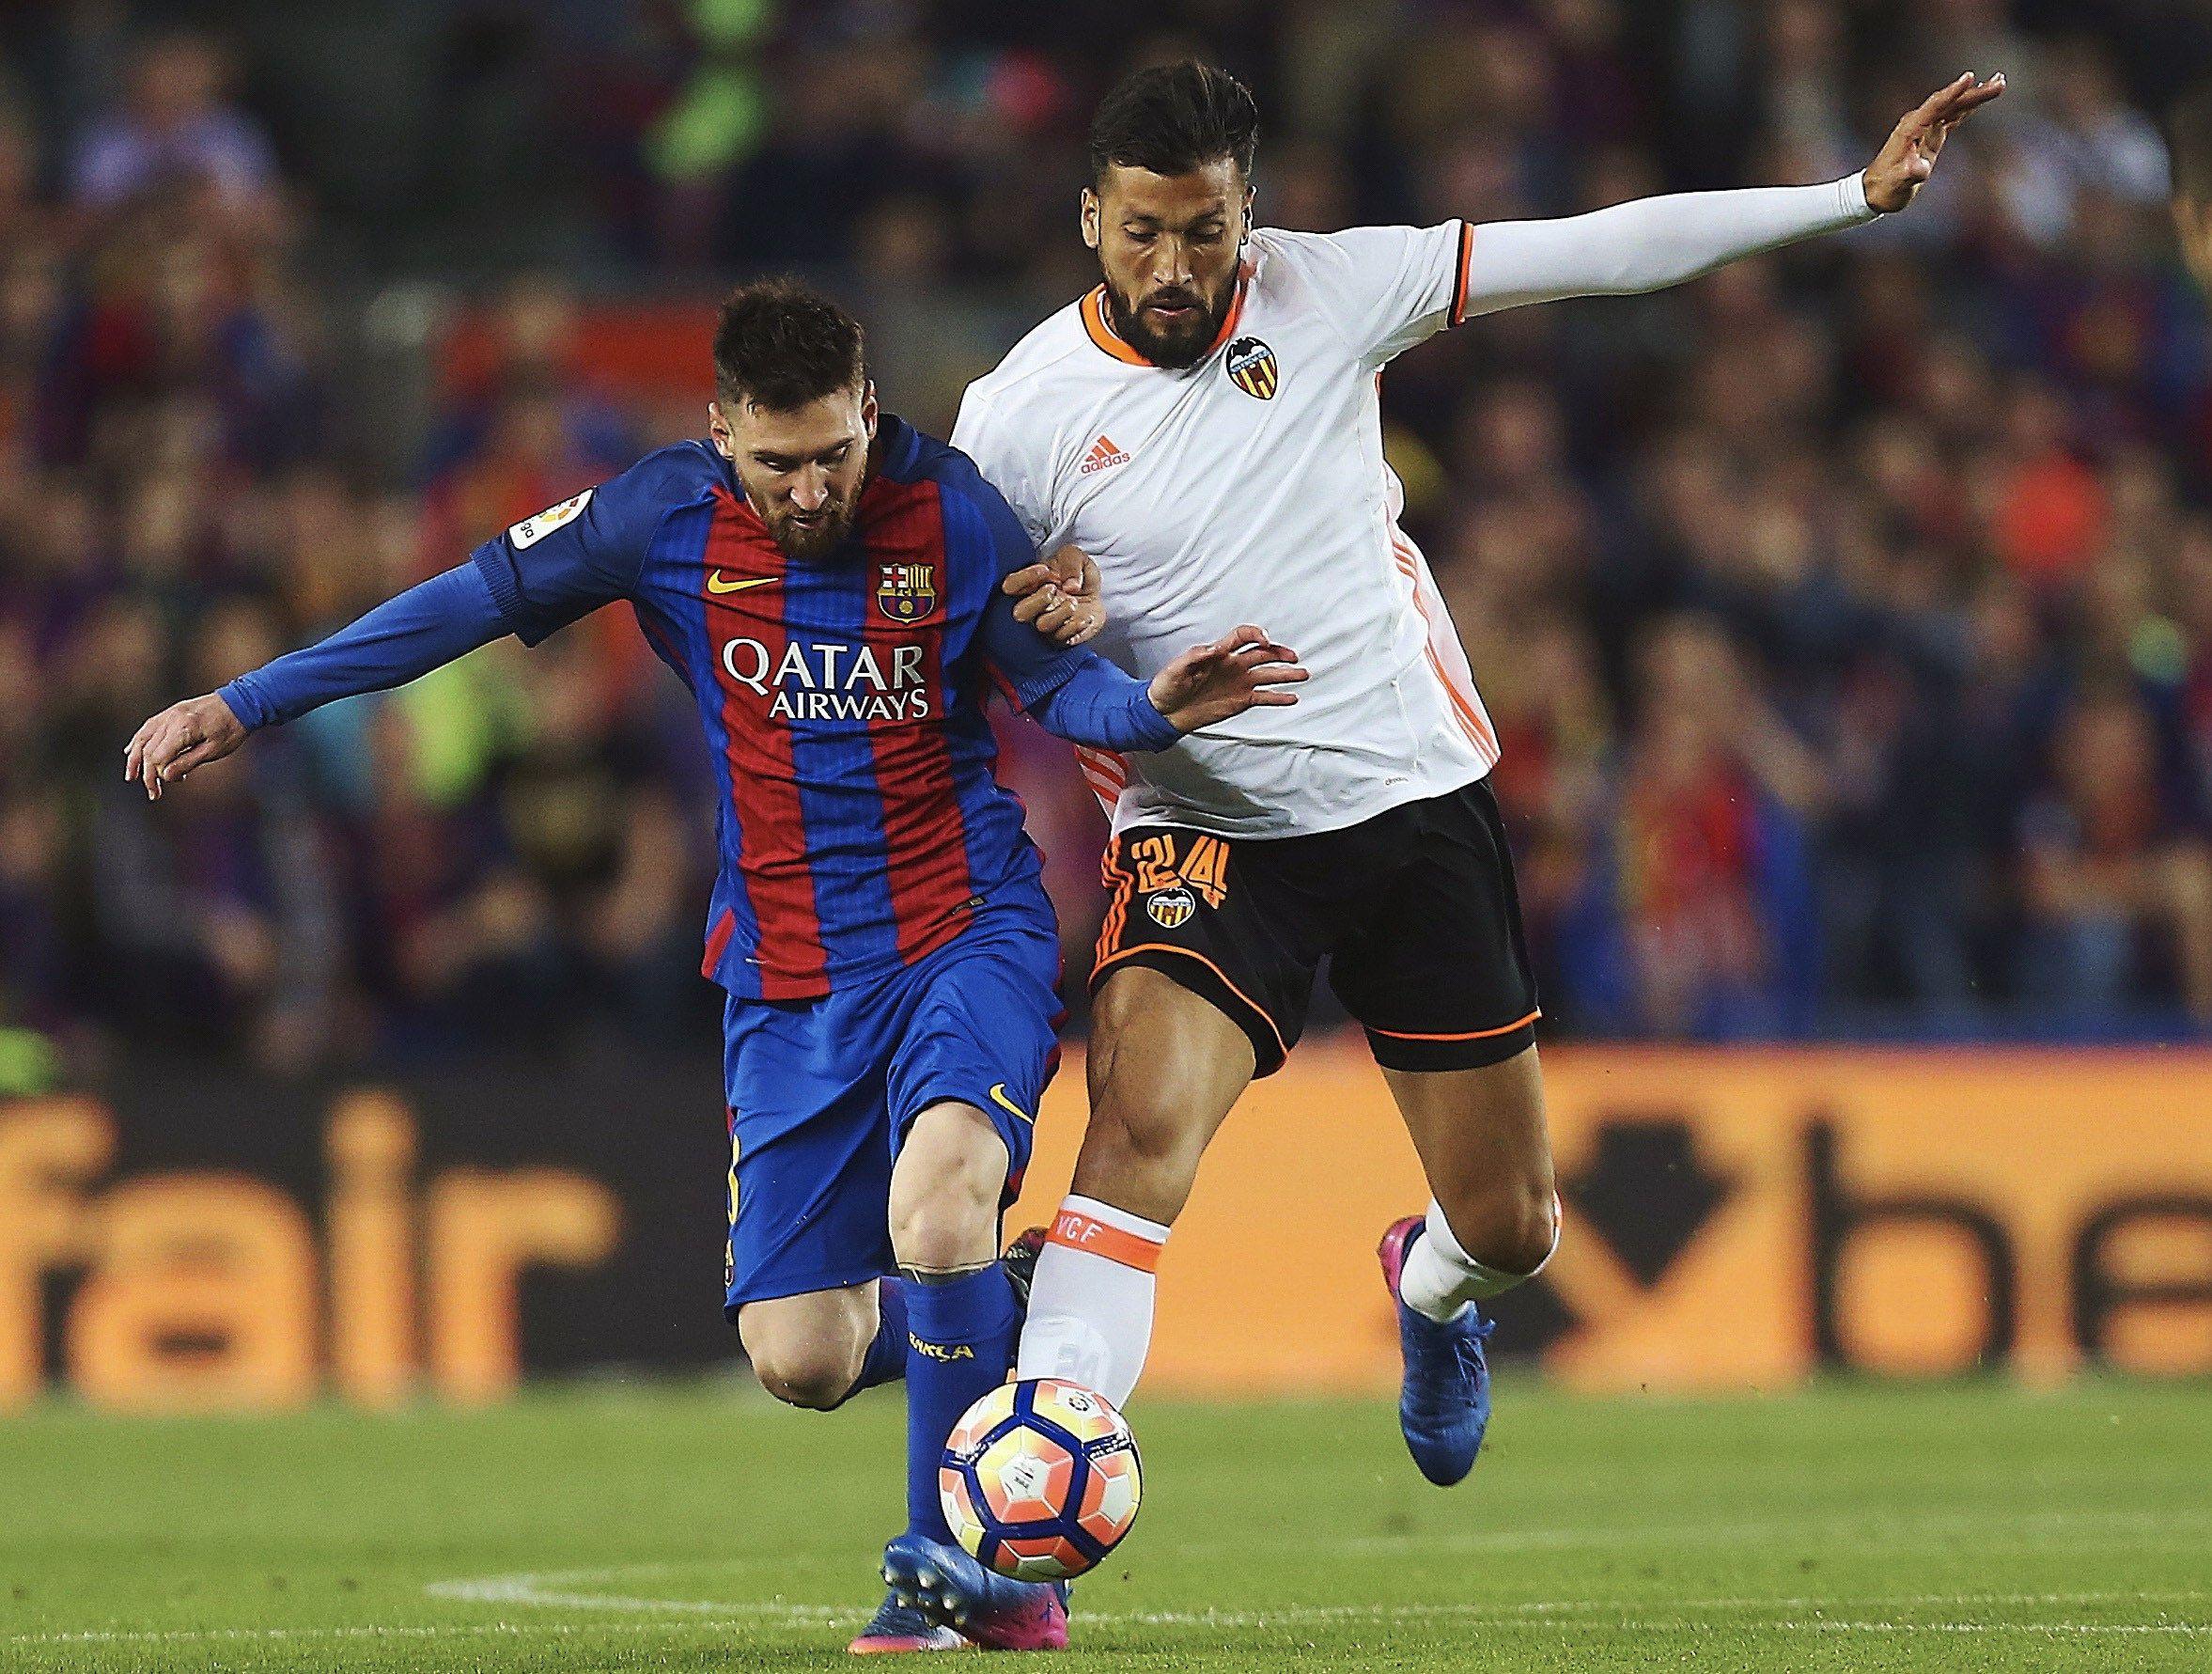 Duelo de argentinos: Messi intenta pasar ante Ezequiel Garay